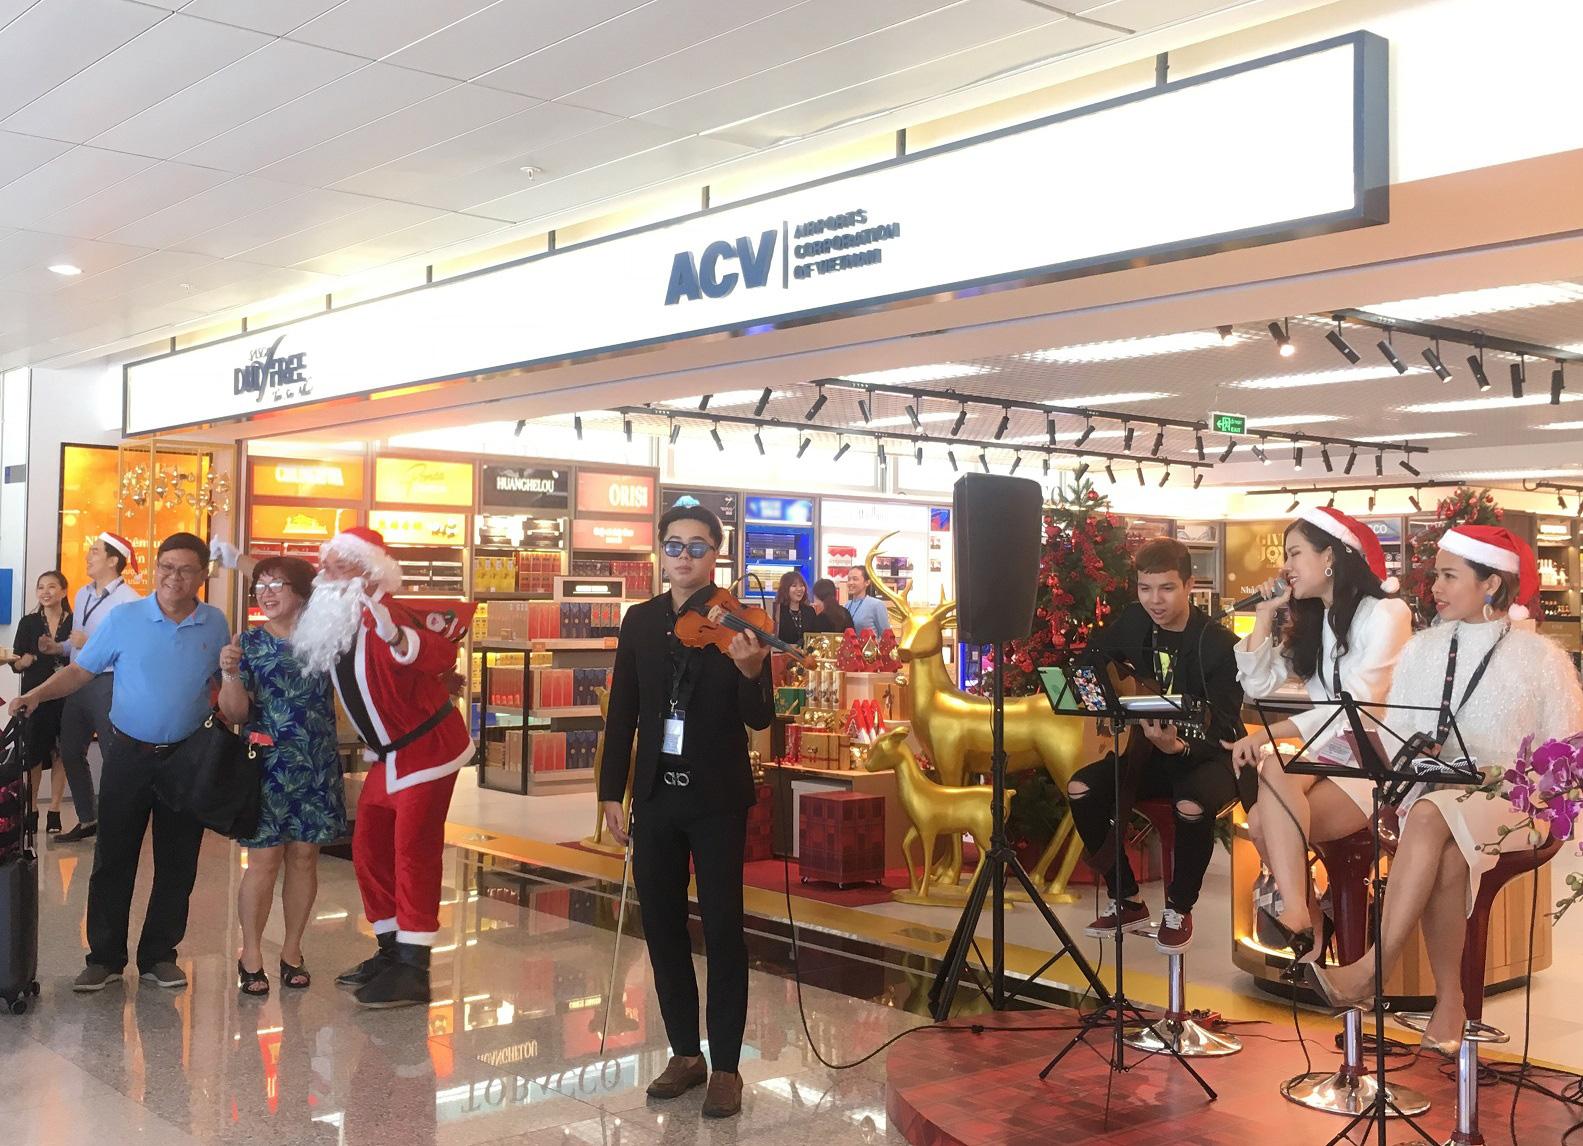 Khám phá cửa hàng miễn thuế bậc nhất sân bay quốc tế Tân Sơn Nhất - Ảnh 2.